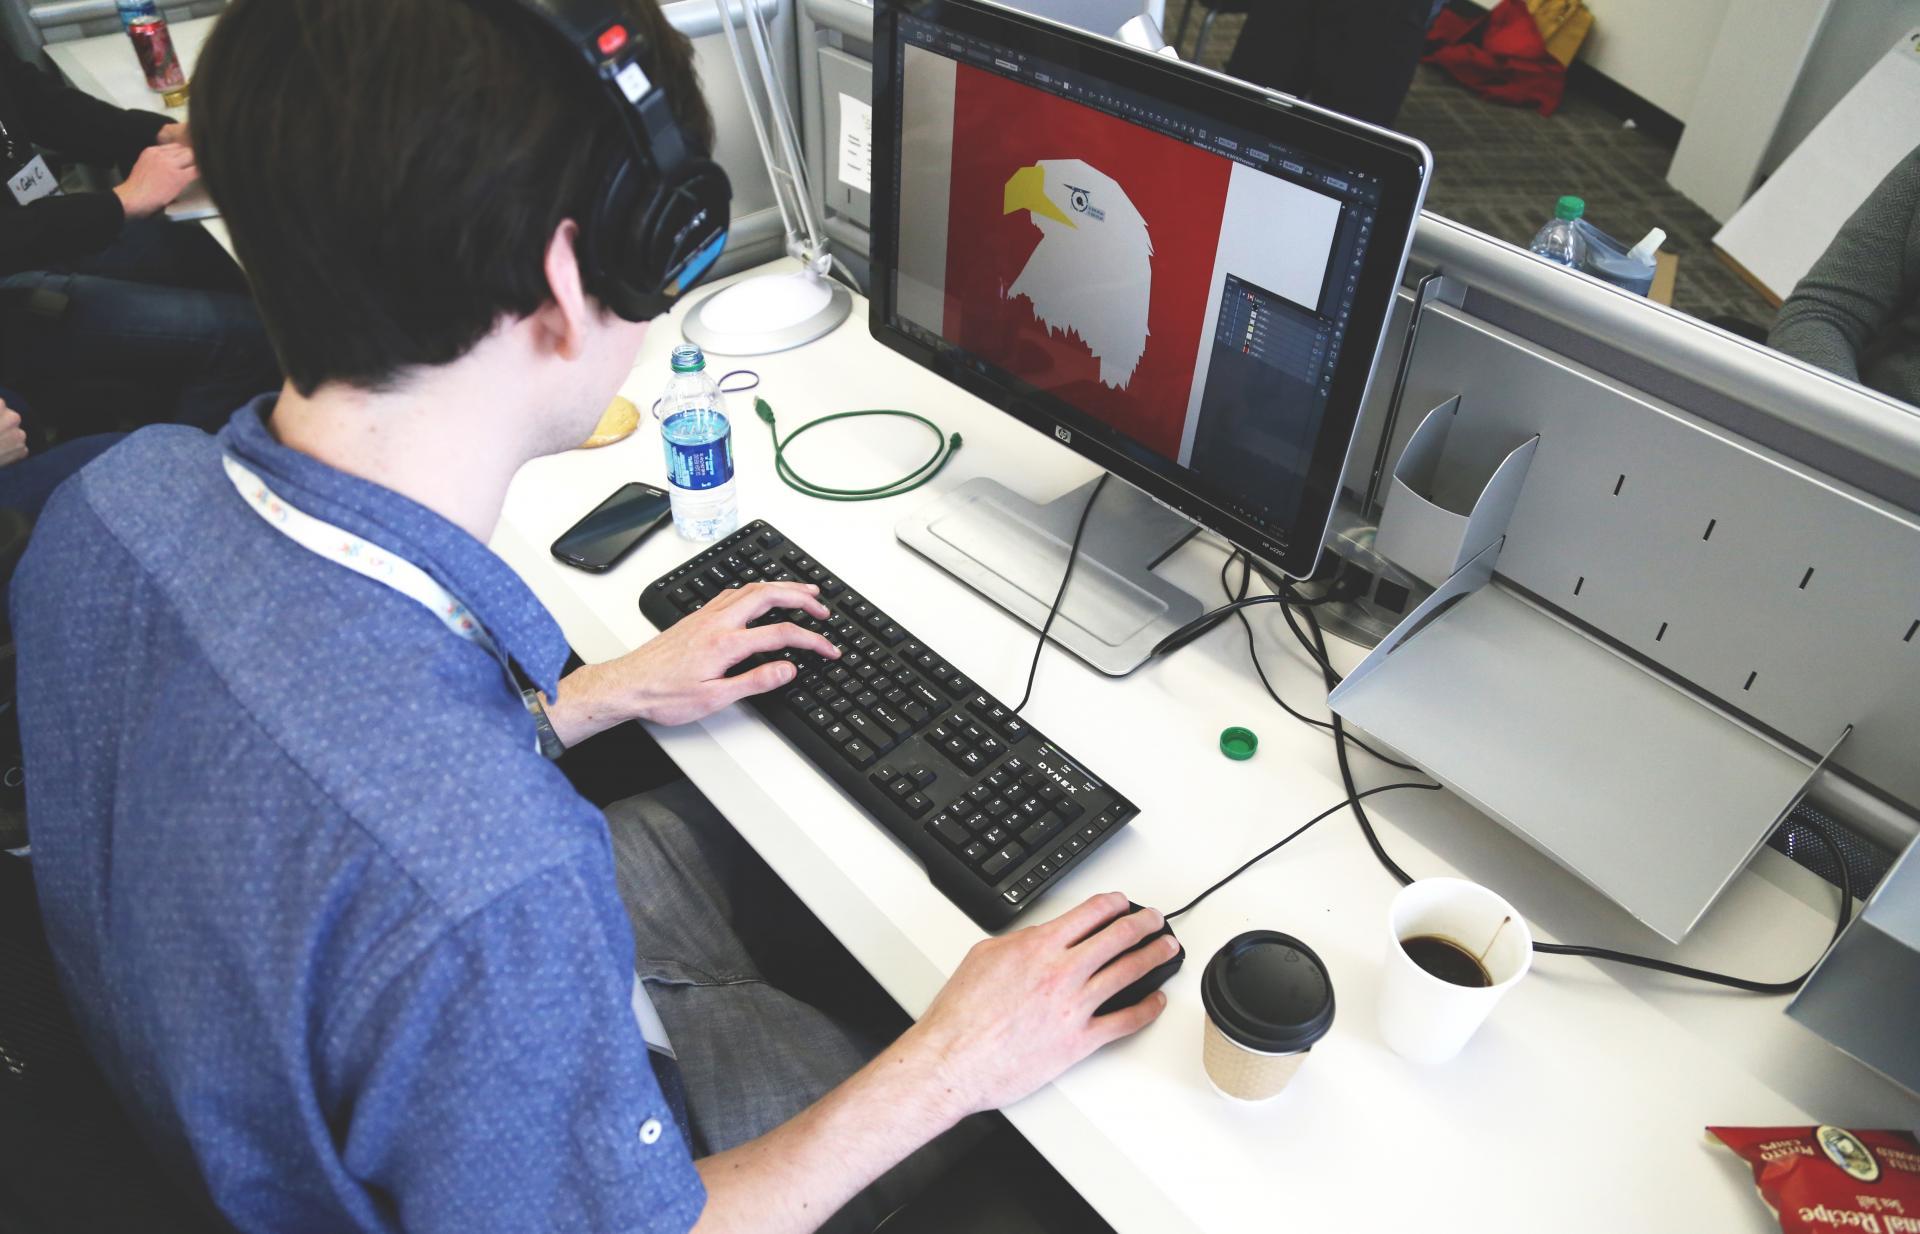 Chico con cascos escribiendo en ordenador portatil